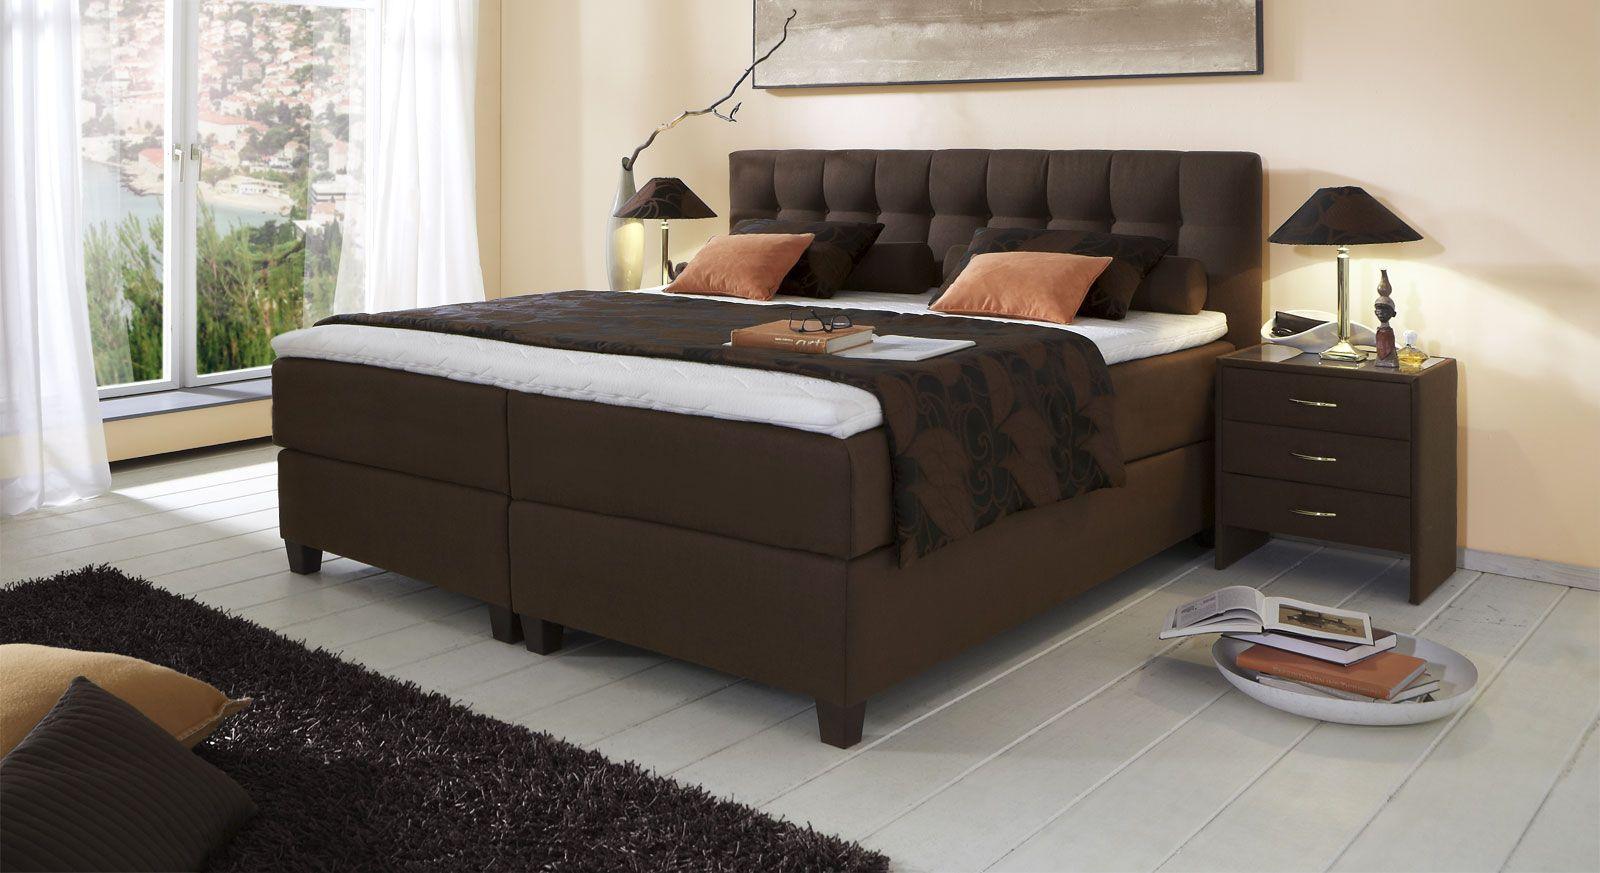 Welche Wandfarbe Zu Braunen Möbeln